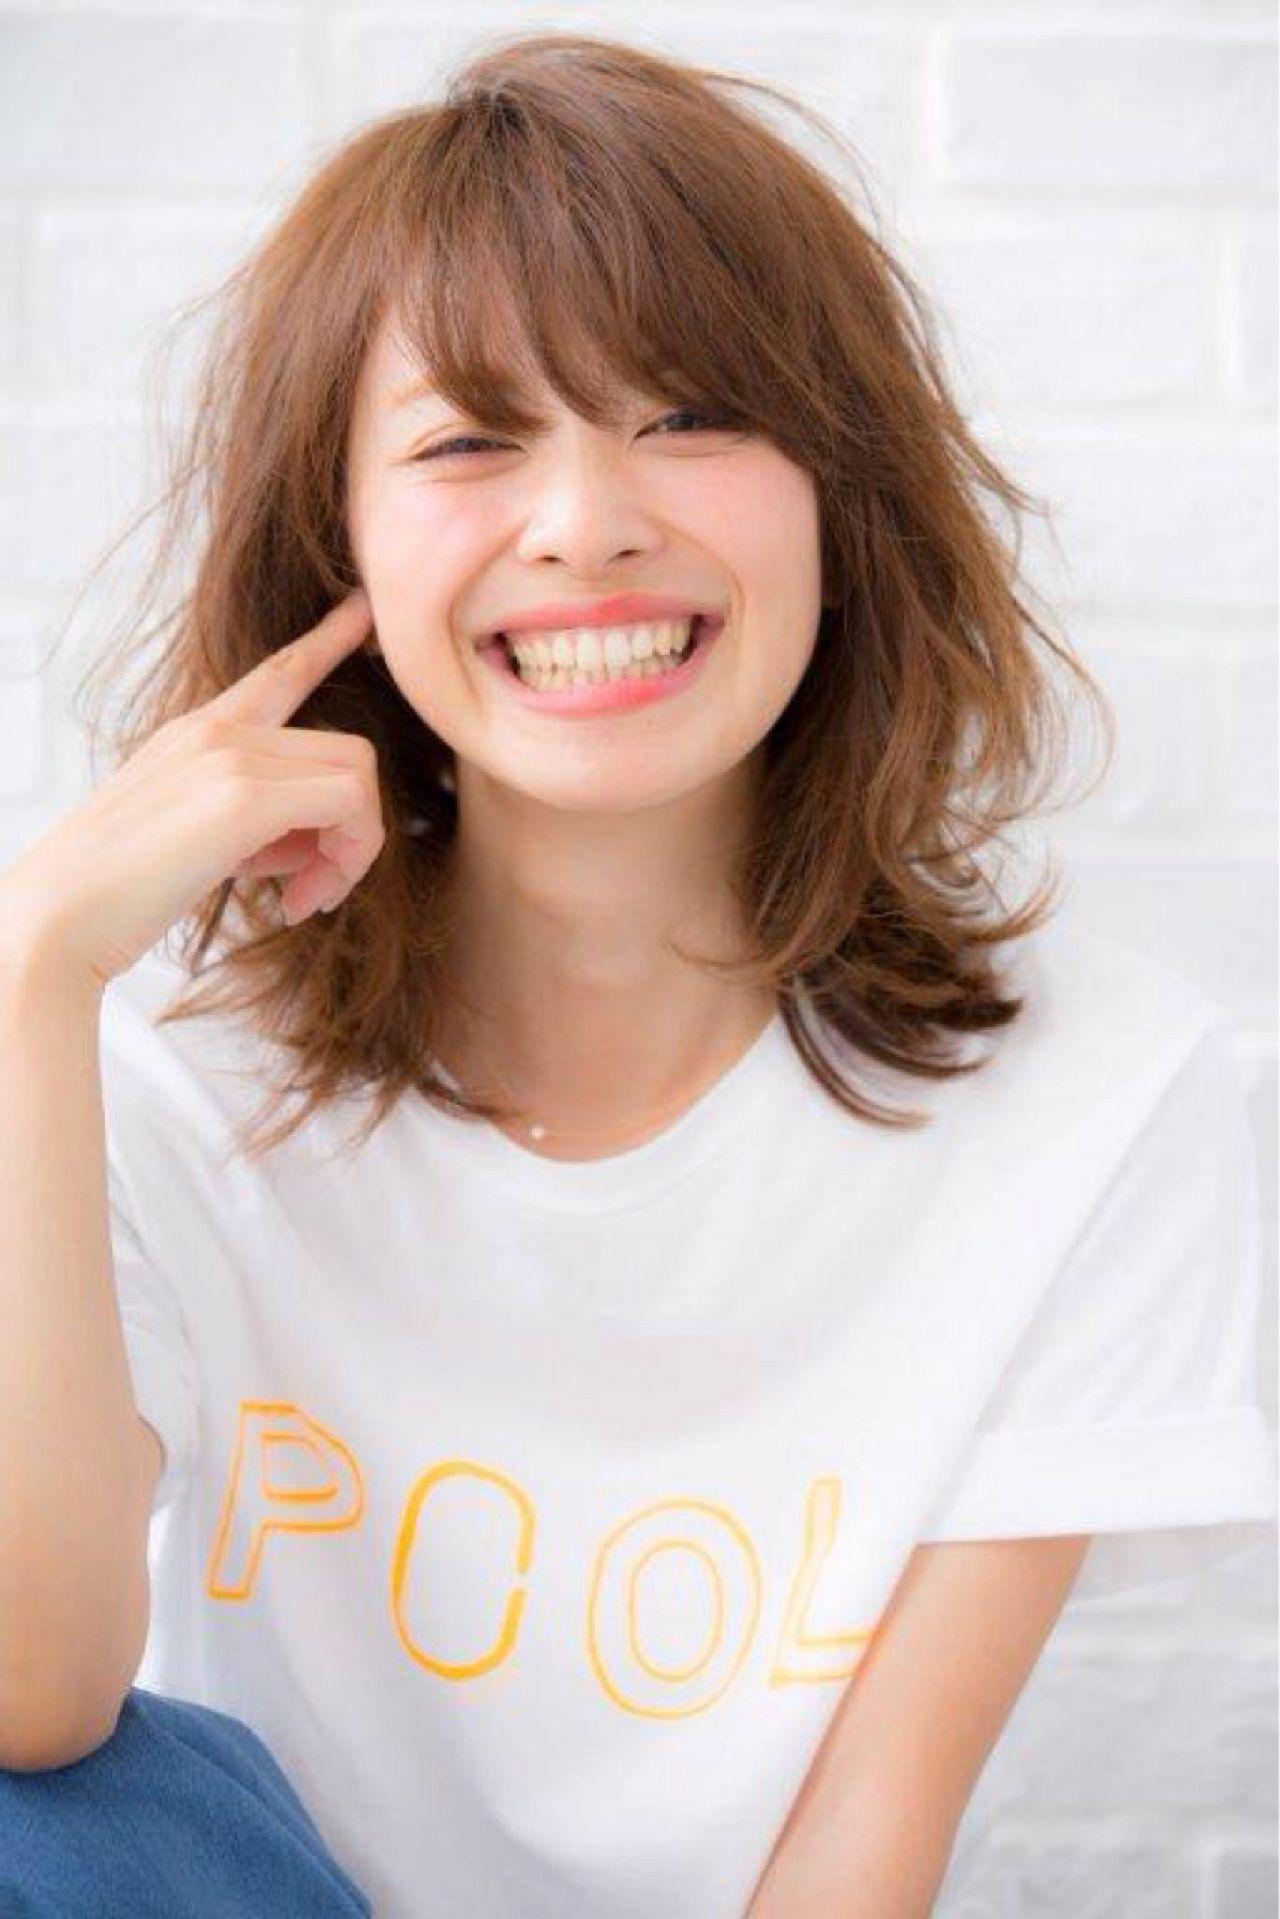 女子のモテる髪型はずばりミディアムレイヤー♡人気のヒケツに迫ります! 高橋俊友